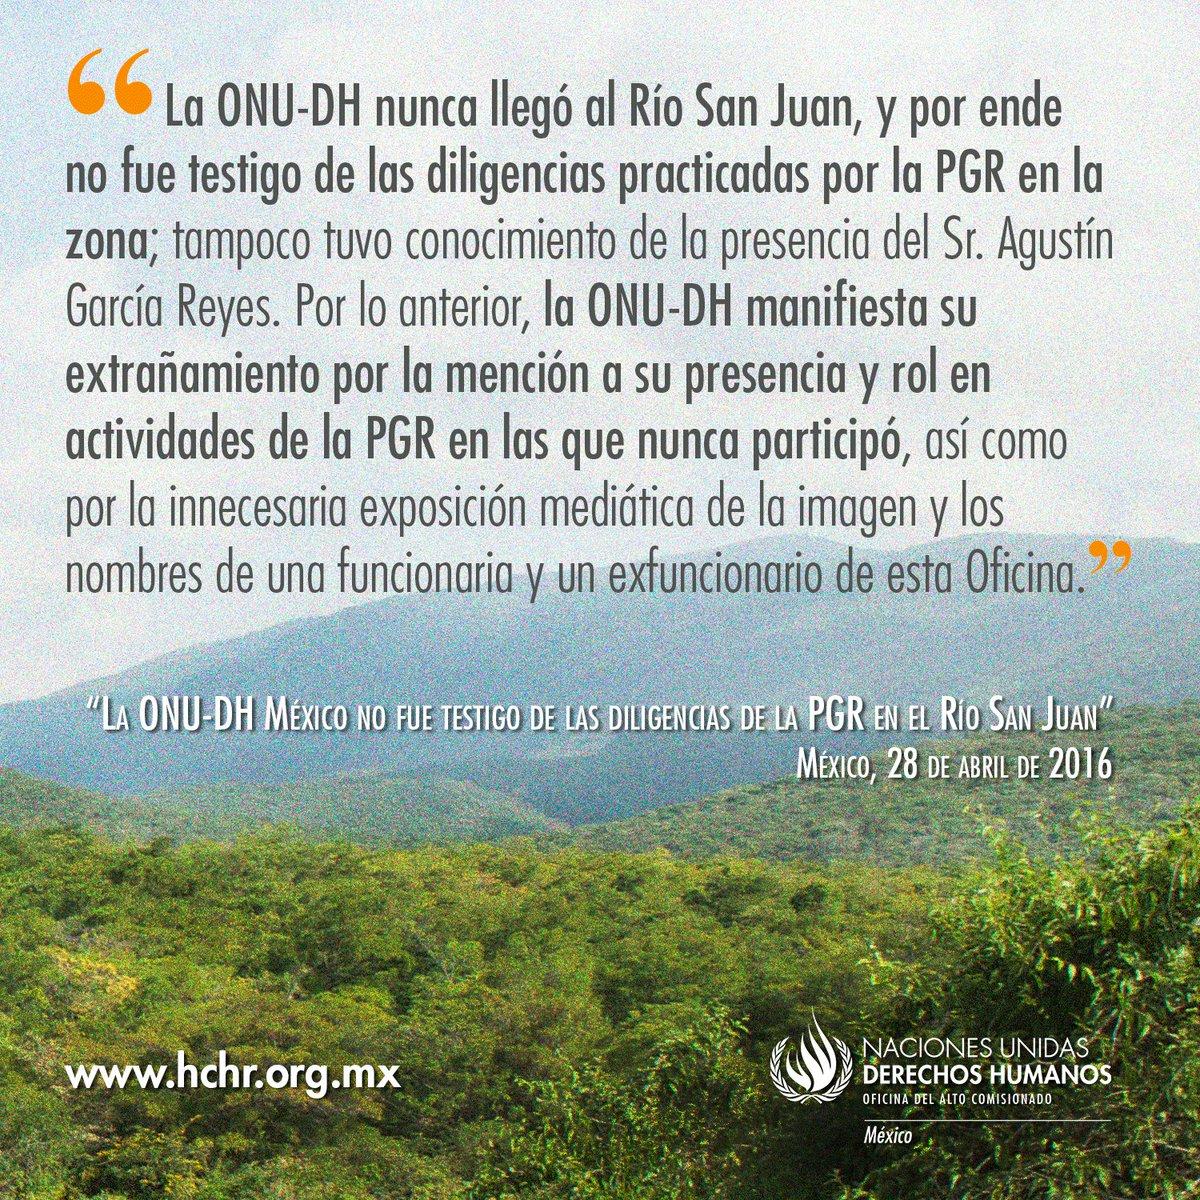 #Comunicado La ONUDH Mx no fue testigo de las diligencias de la PGR en el Río San Juan: https://t.co/epj1zW7BYe https://t.co/T28tDCIGMJ